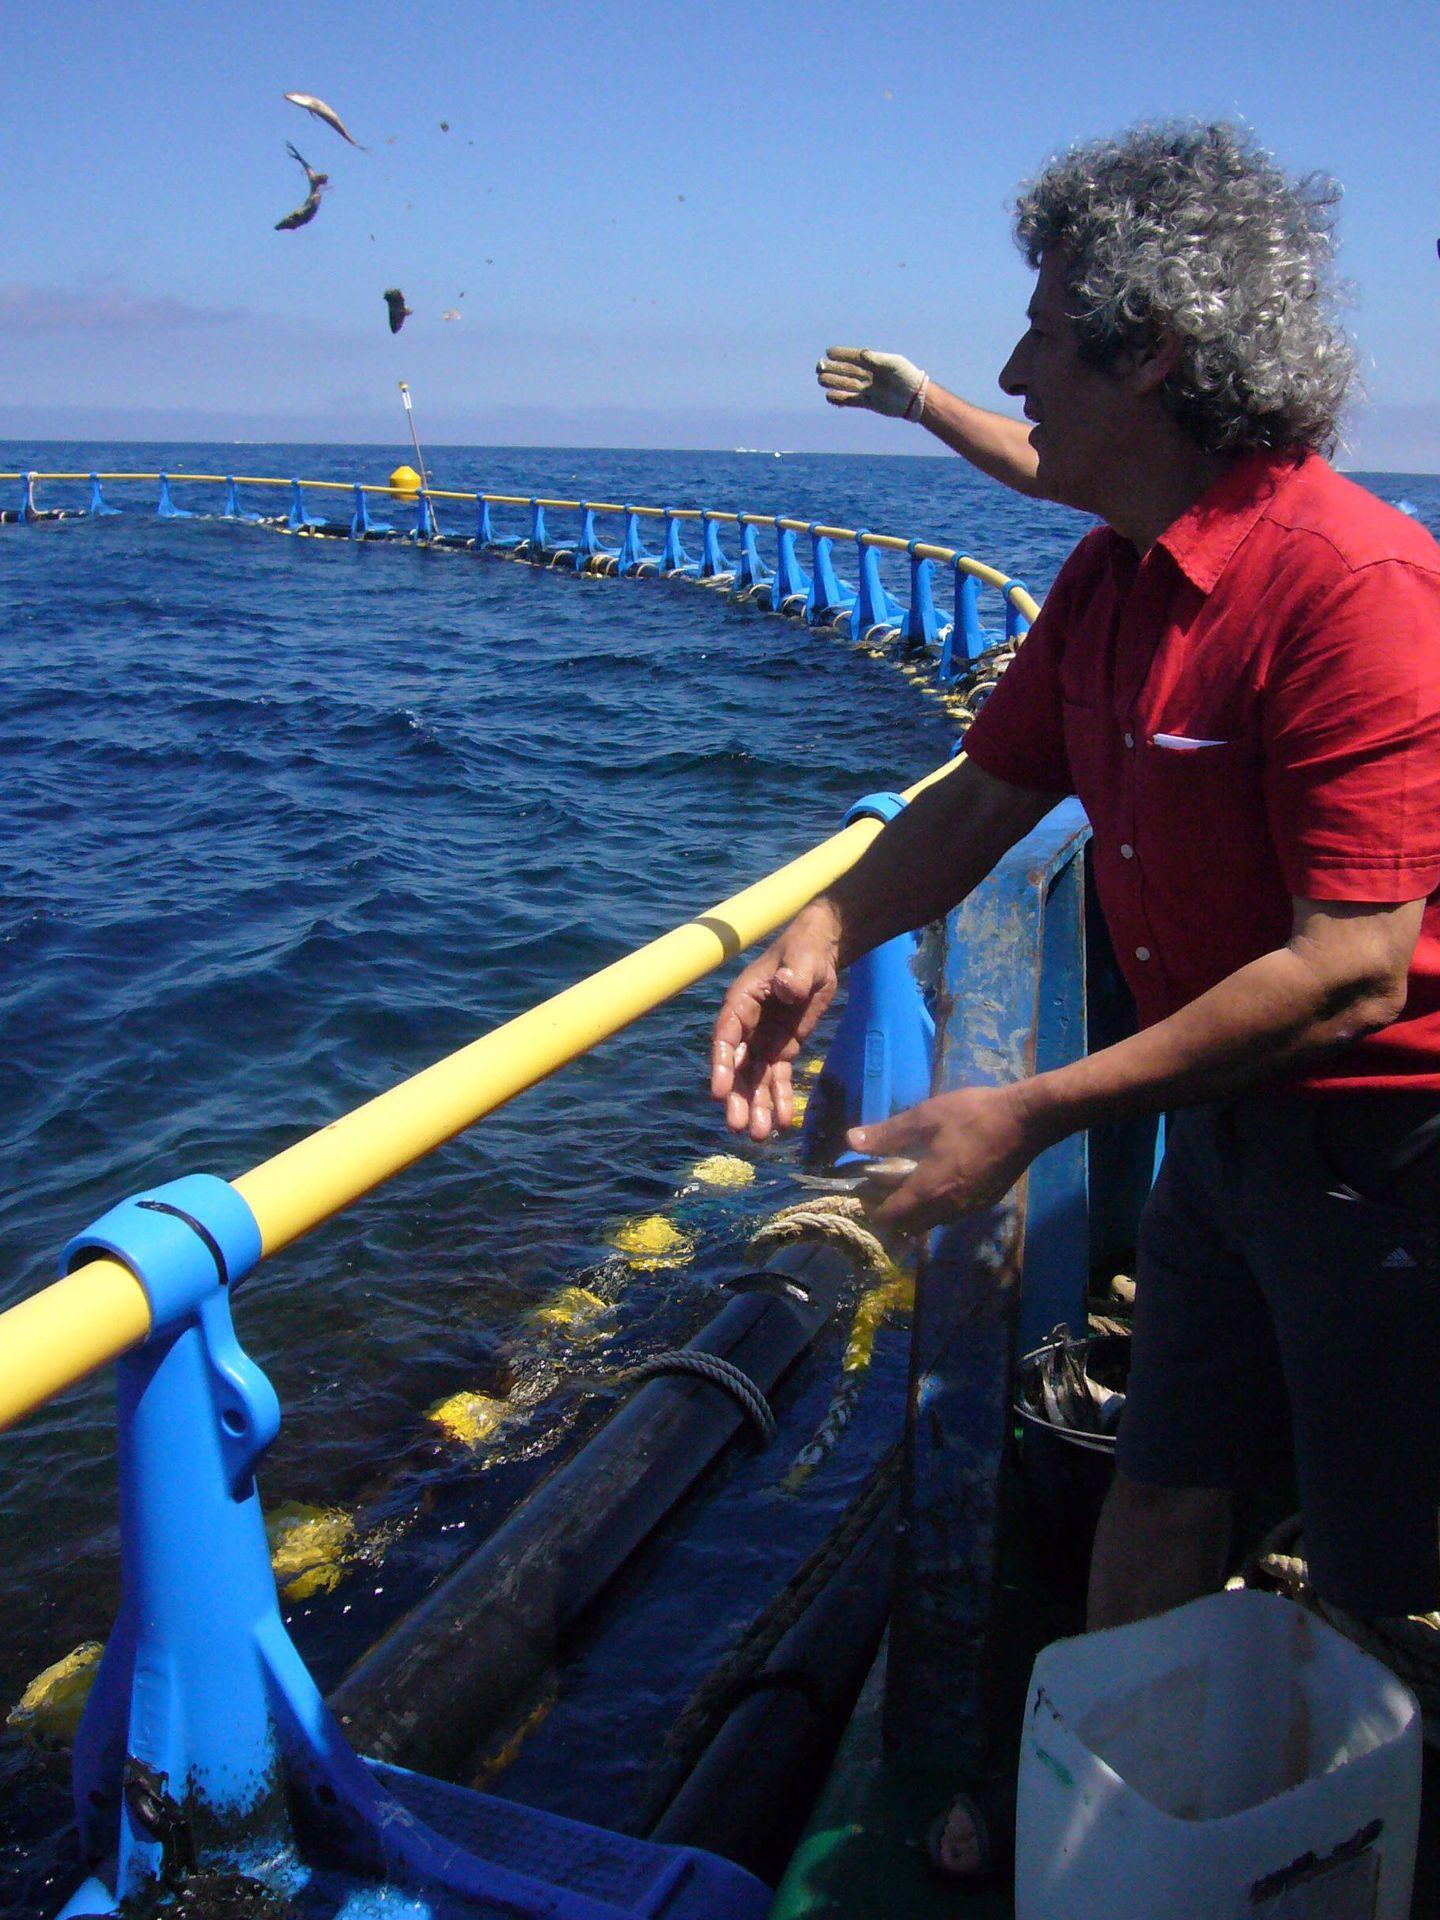 El empresario maltés Charles Azzopardi alimenta a mano a sus atunes en una jaula, un gesto para los reporteros. (M. García Rey, ICIJ)